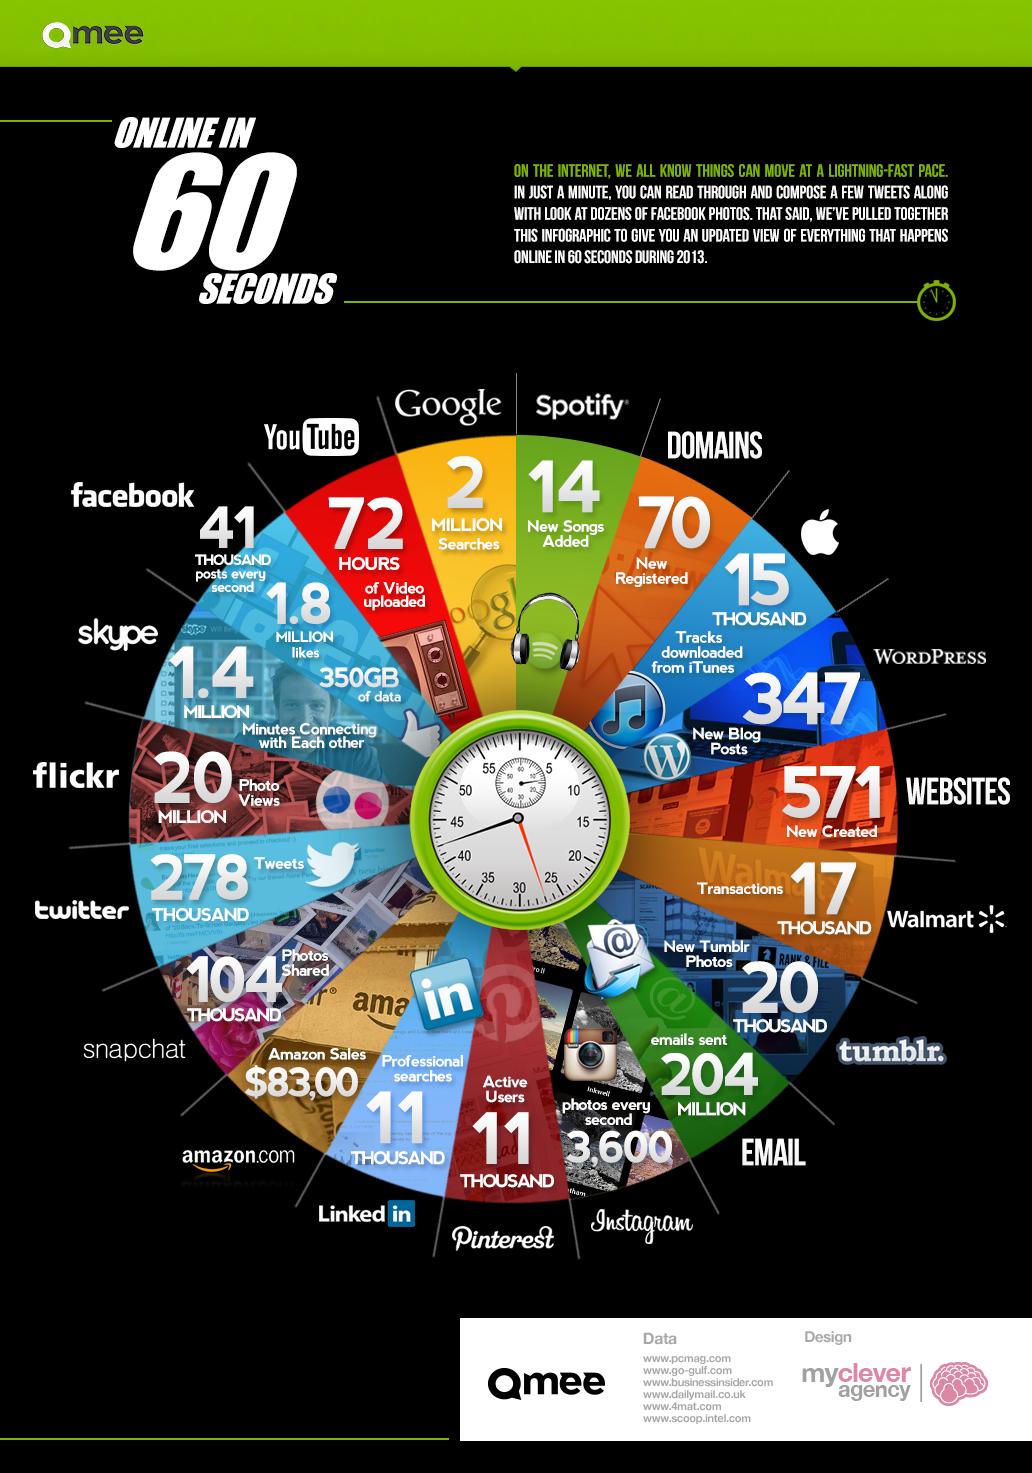 Online in 60 seconds - 2013   Source:   Qmee